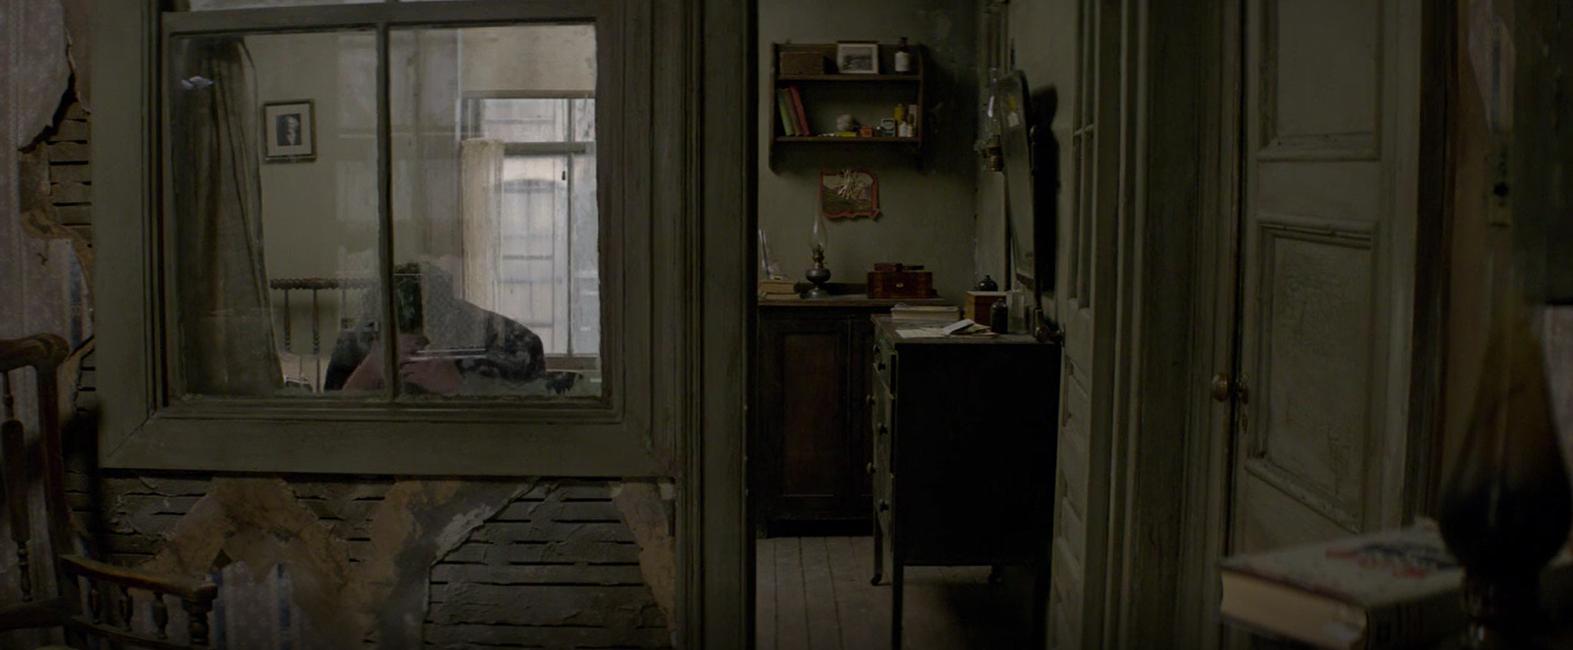 雅各布·科瓦尔斯基的公寓